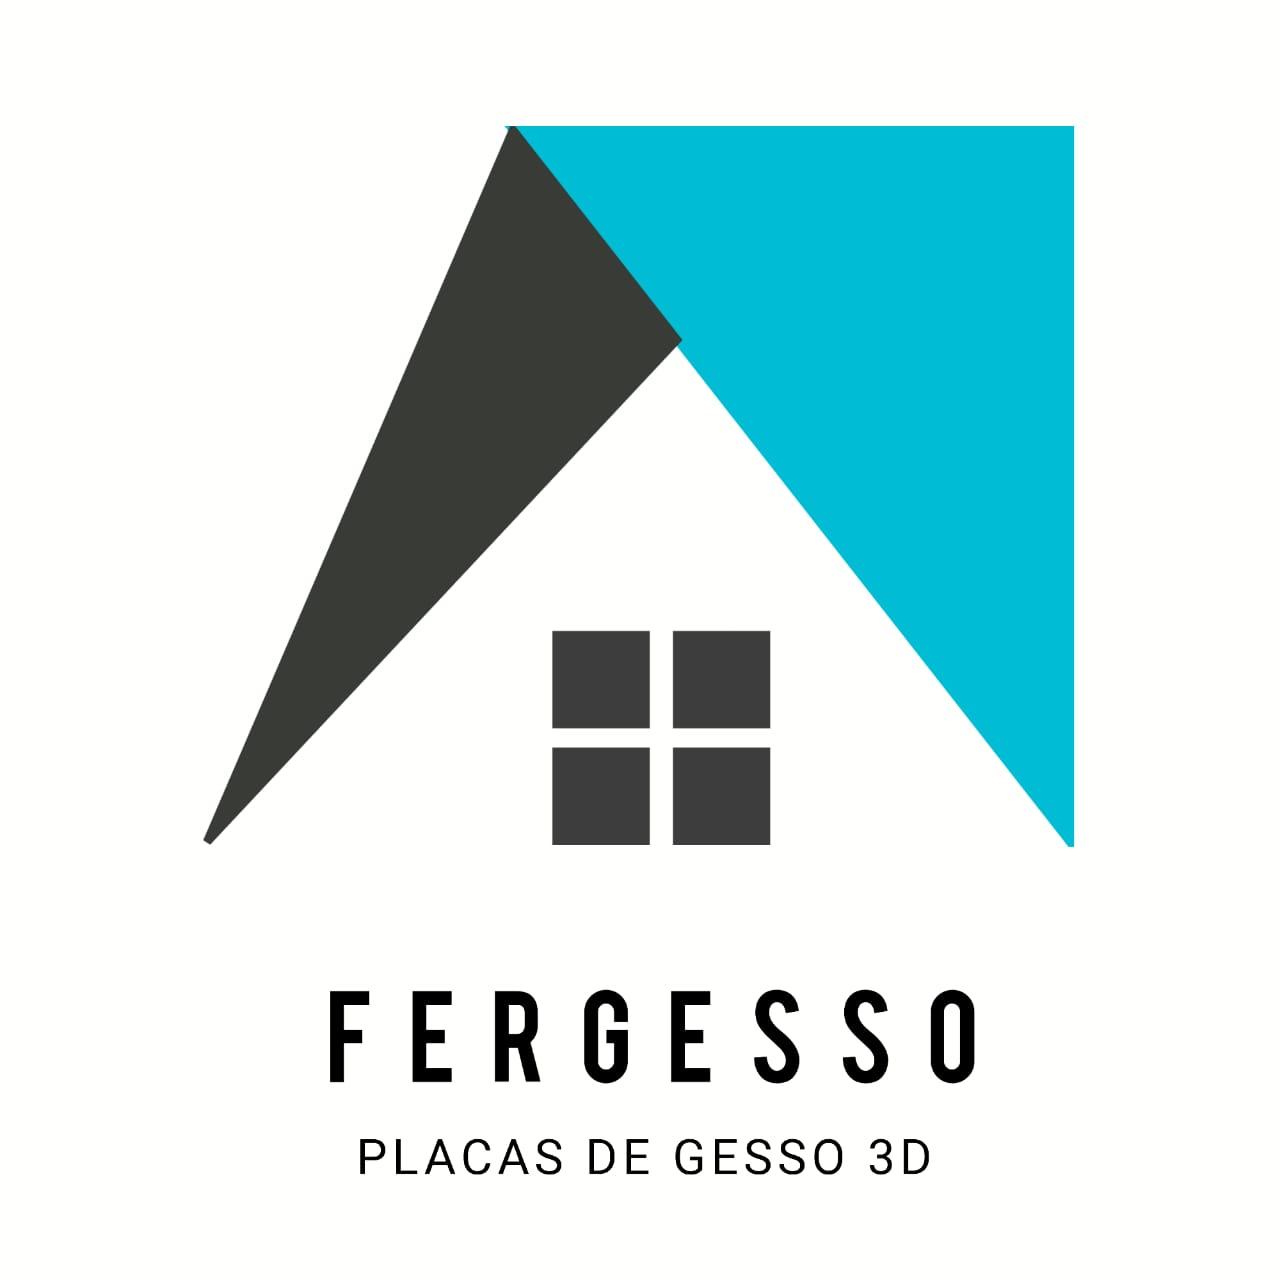 FERGESSO PLACA DE GESSO 3D